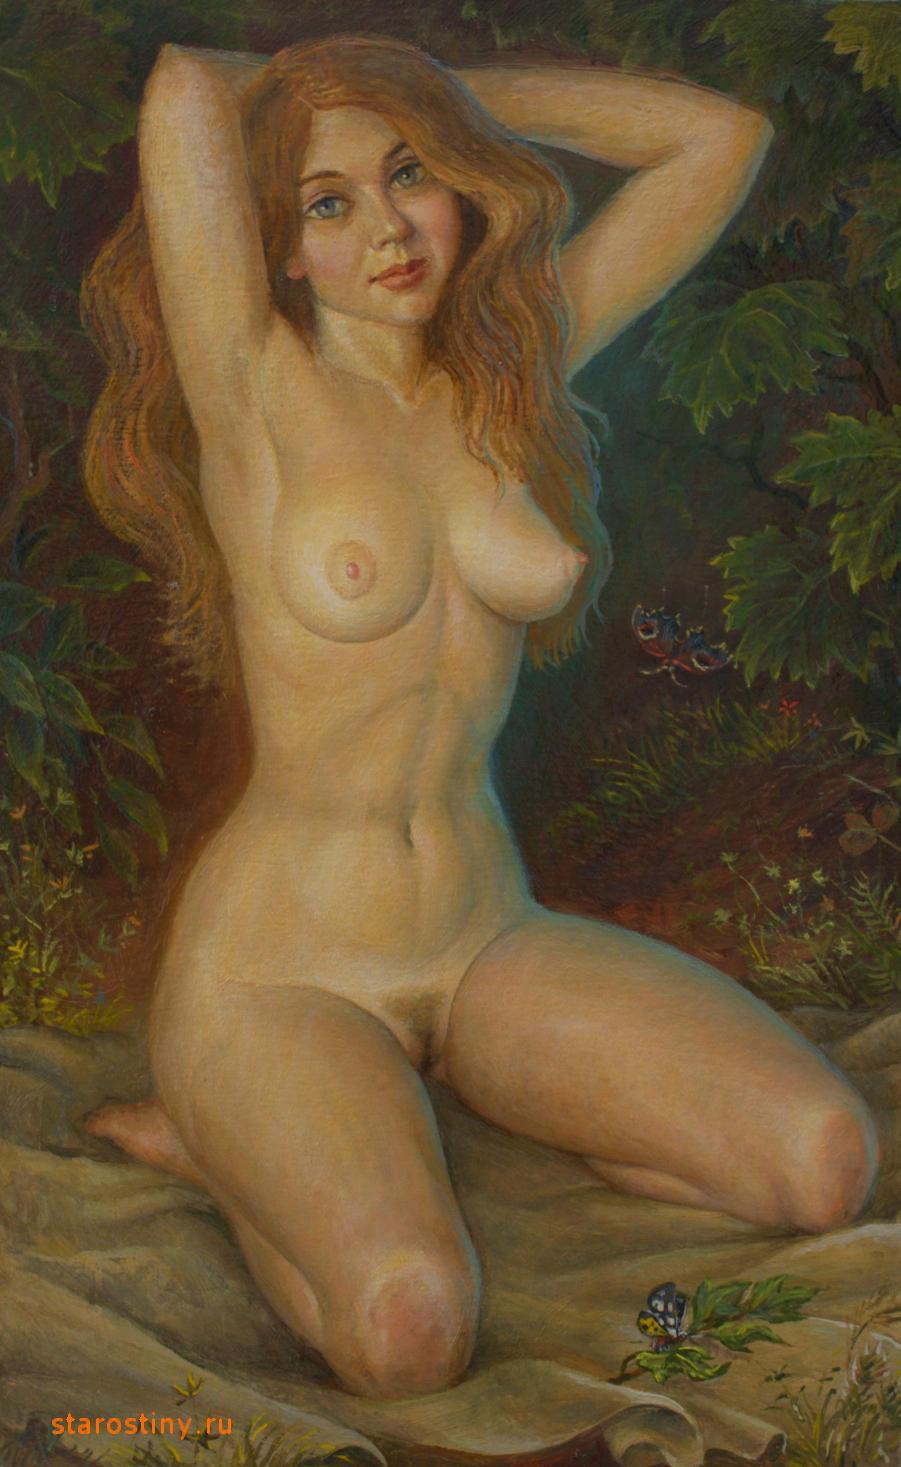 Художник рисует голую натурщицу а потом ебет ее 15 фотография